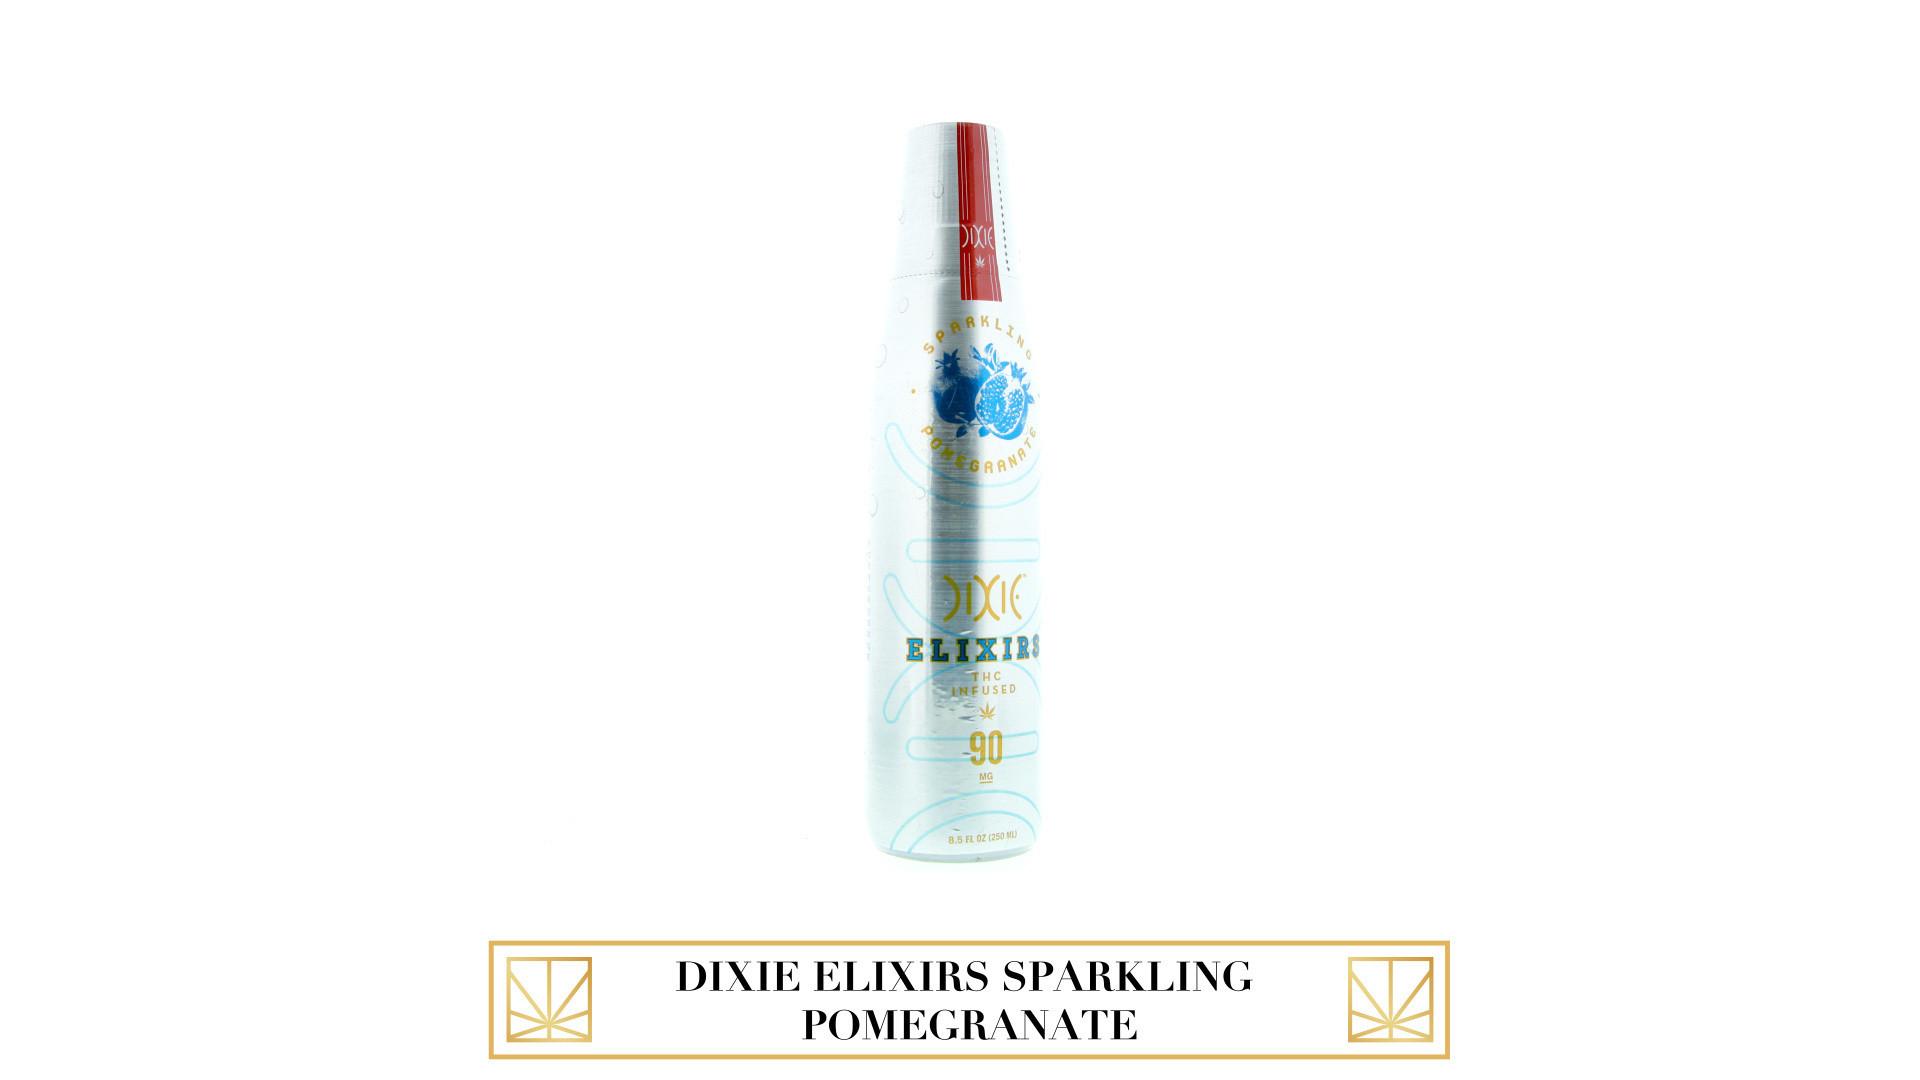 Dixie Elixirs Sparkling Pomegranate